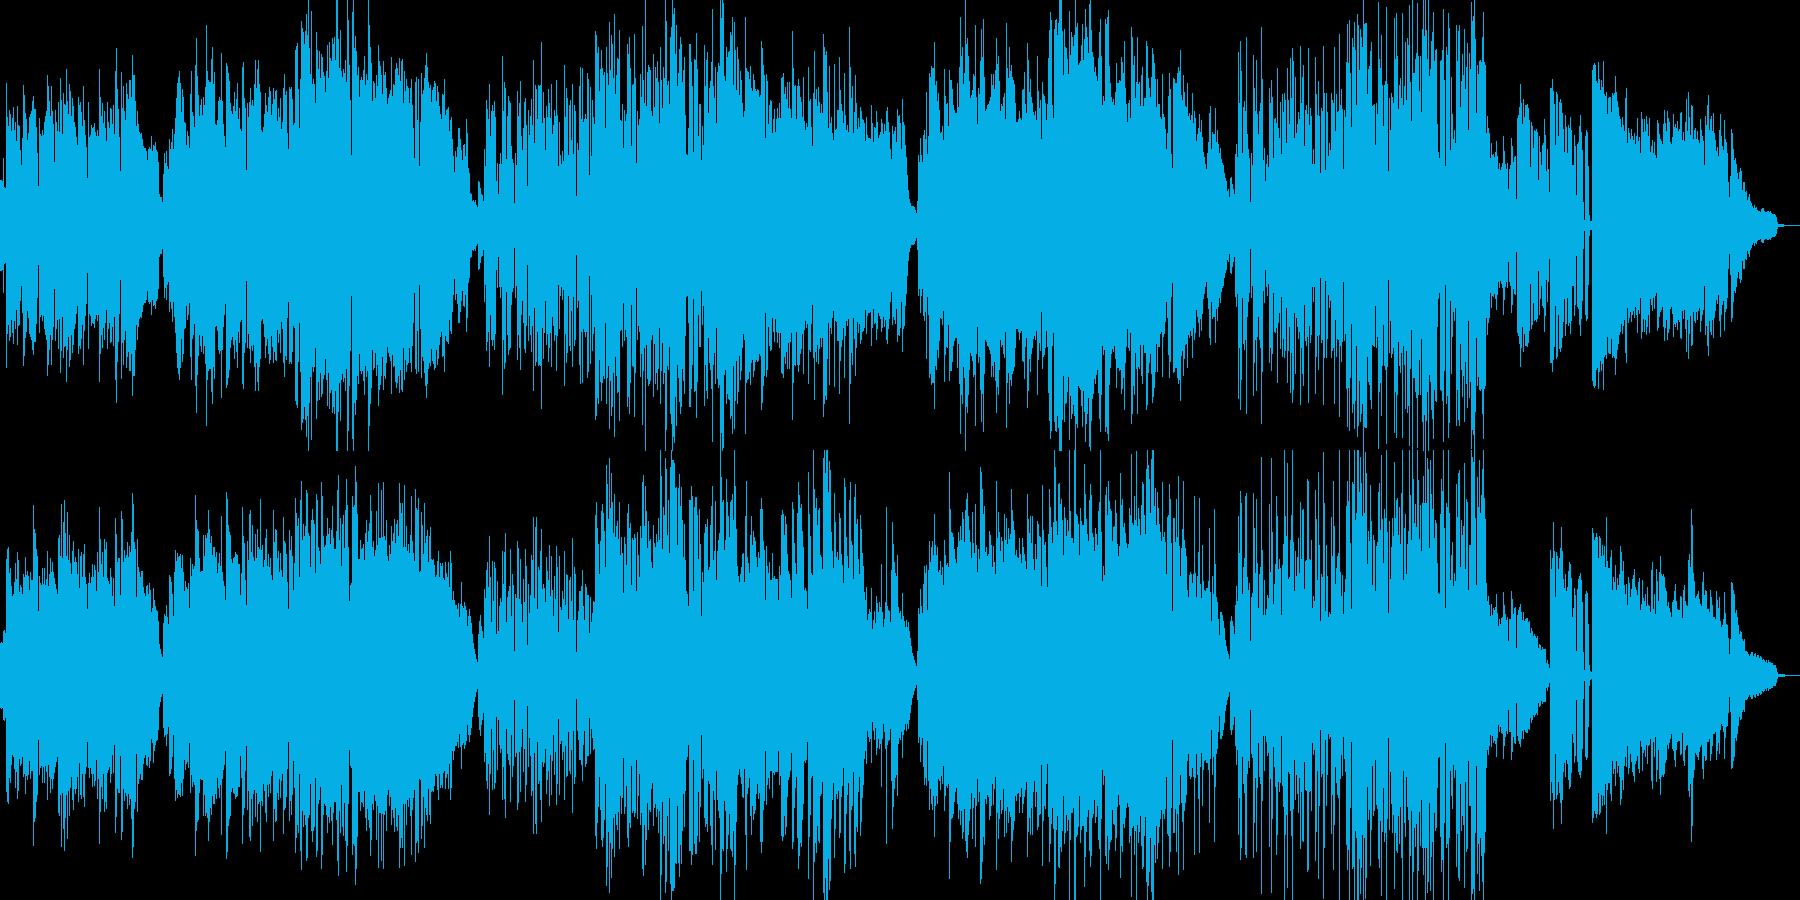 懐かしの音楽室をイメージしたBGMの再生済みの波形